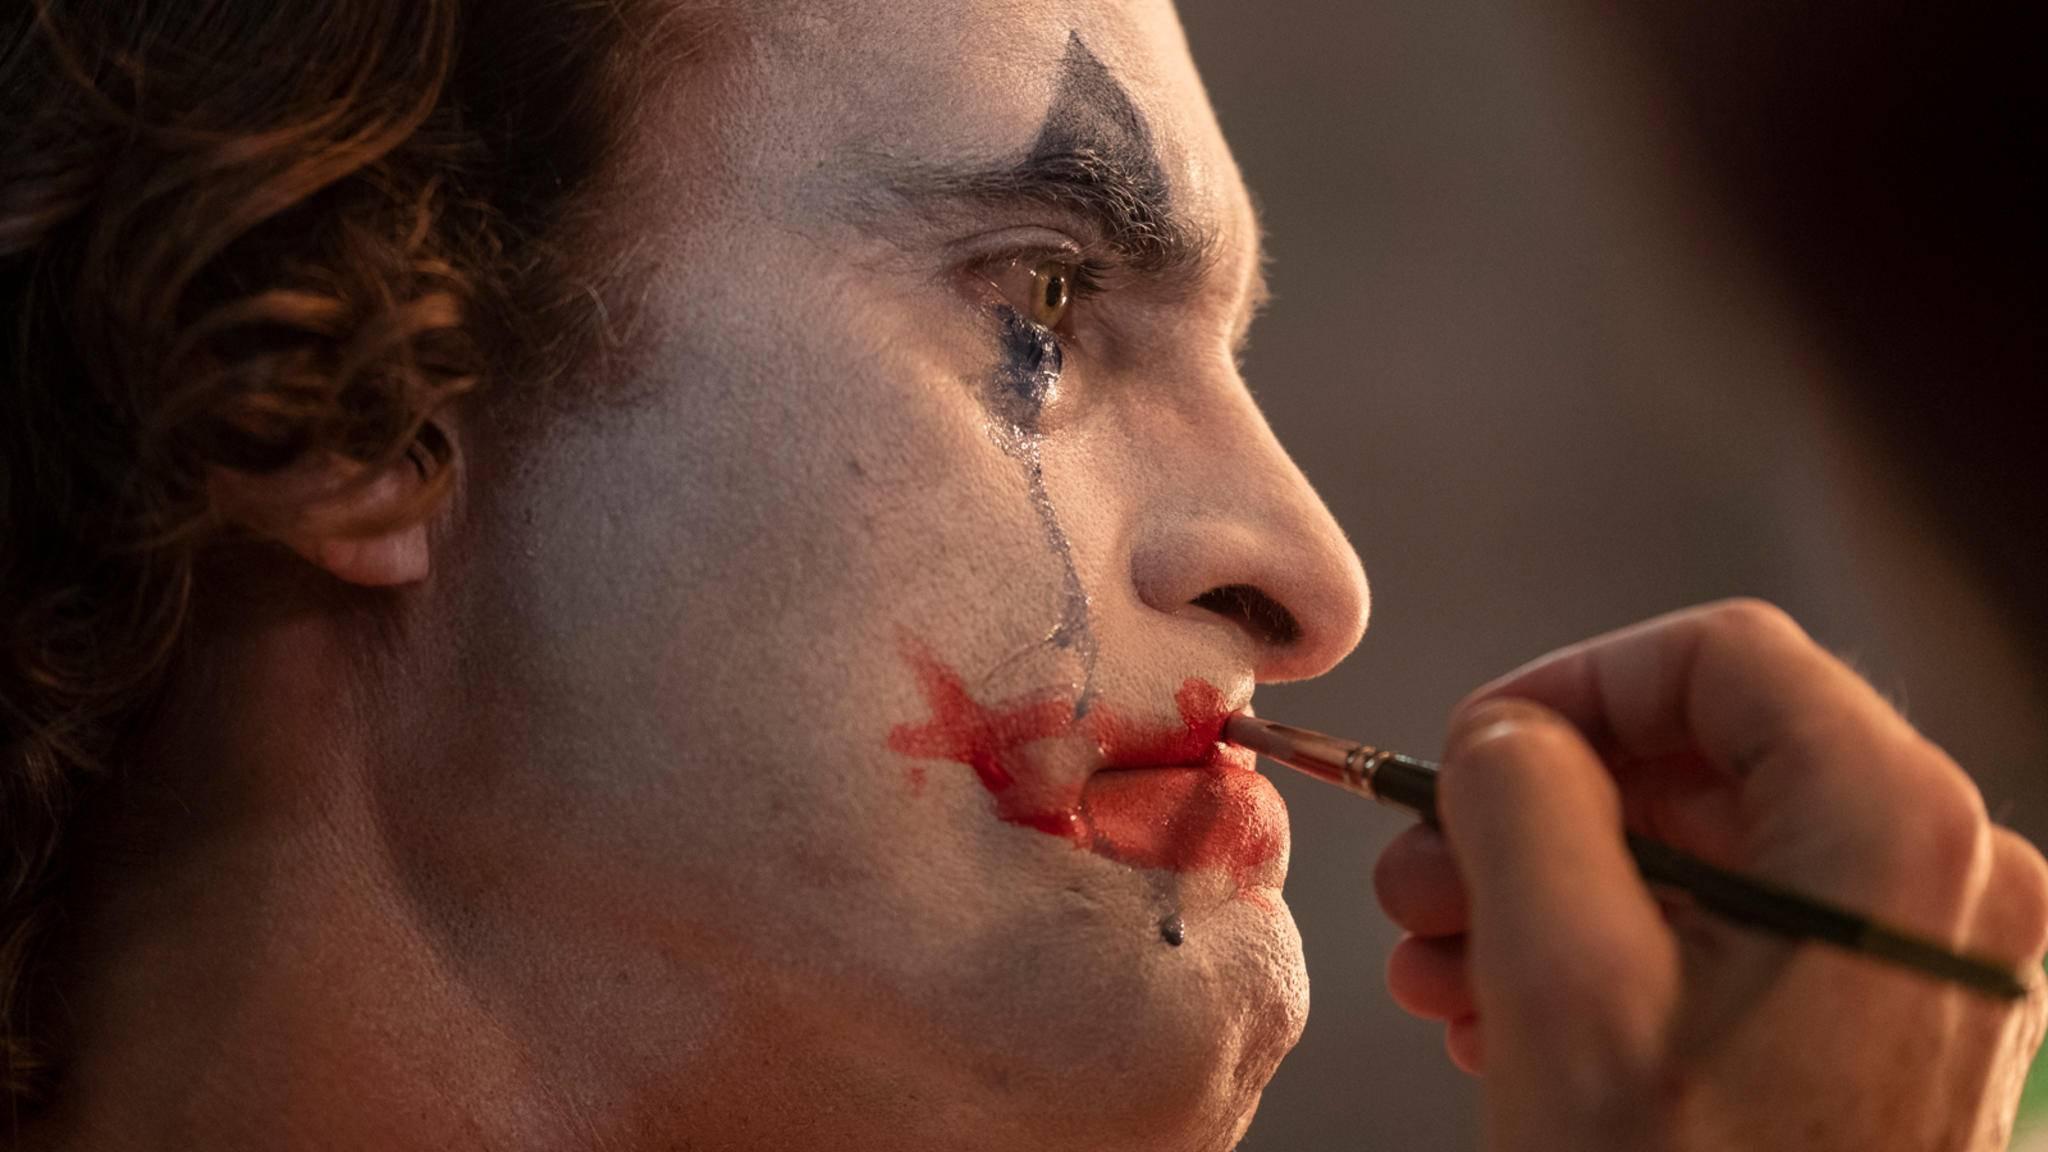 """Kein Grund zum Weinen, Arthur. """"Joker"""" ist super geworden!"""